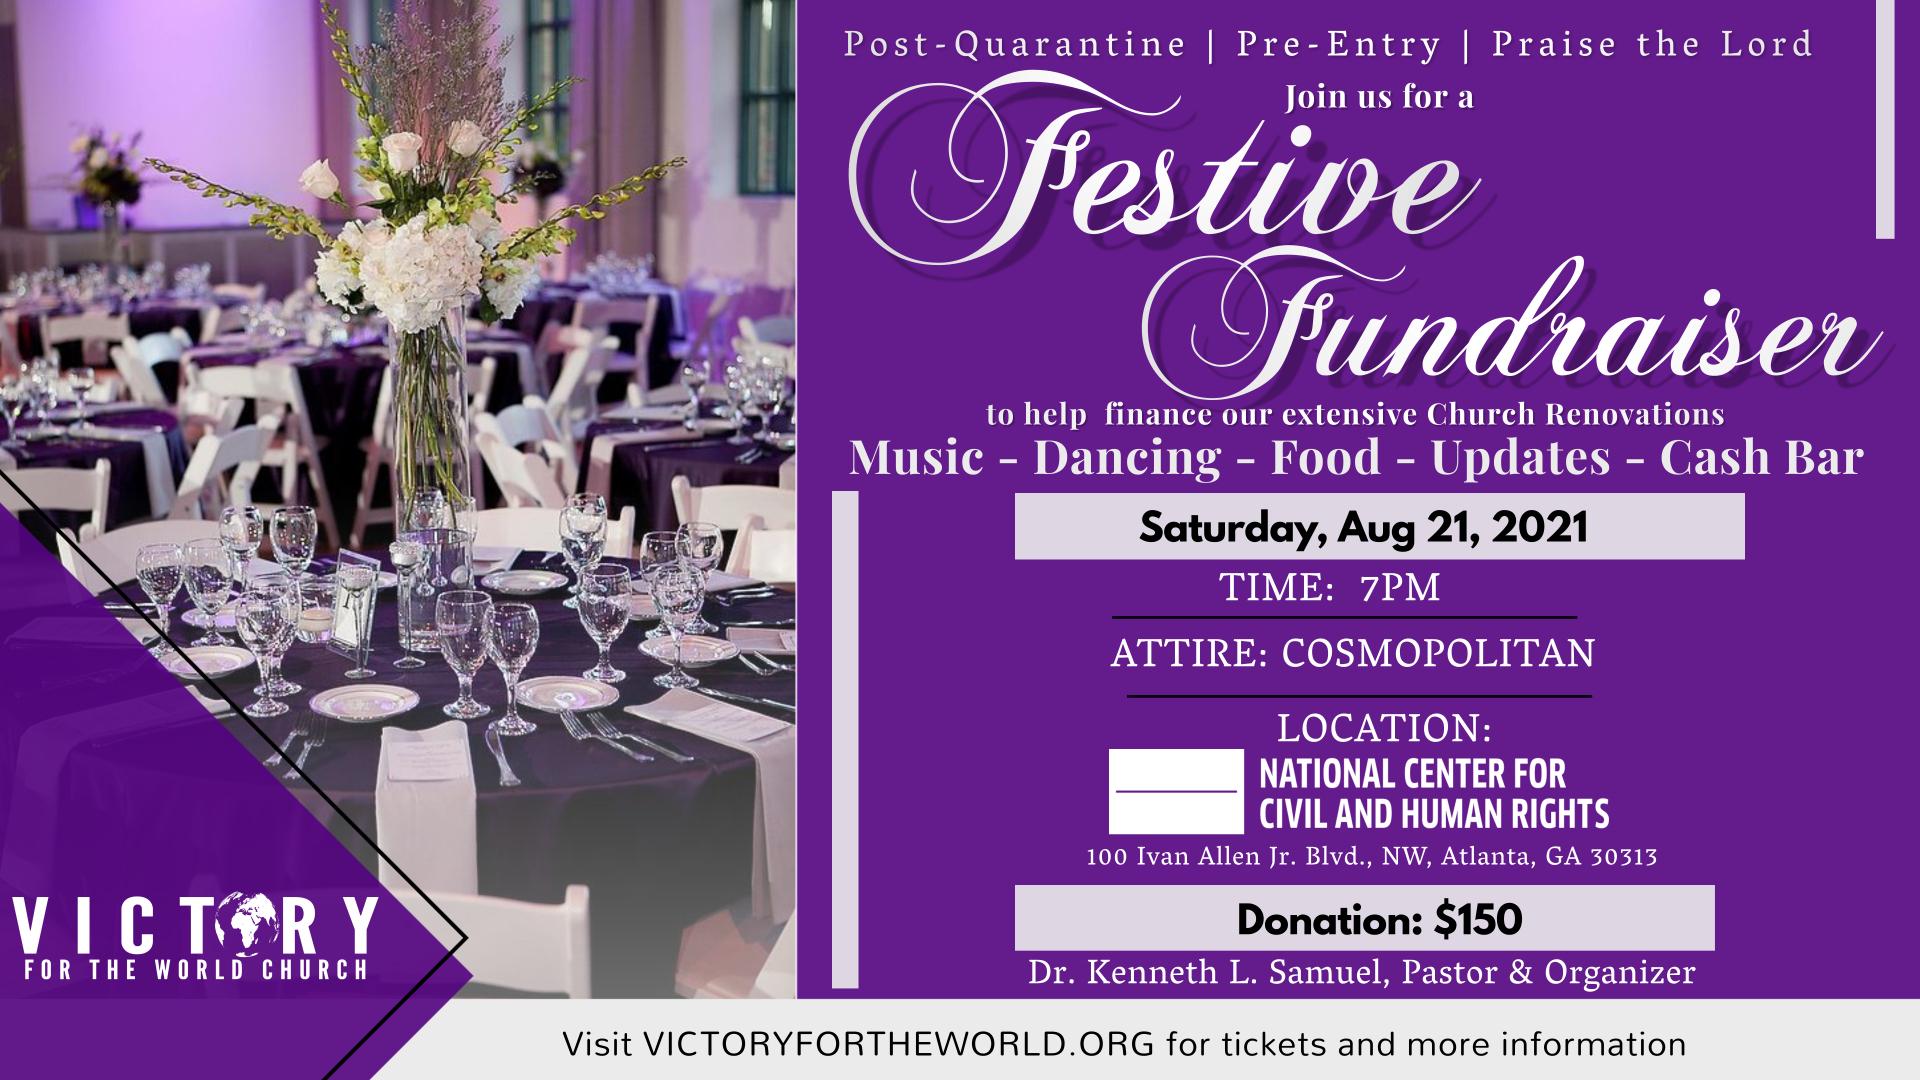 Festive Fundraiser